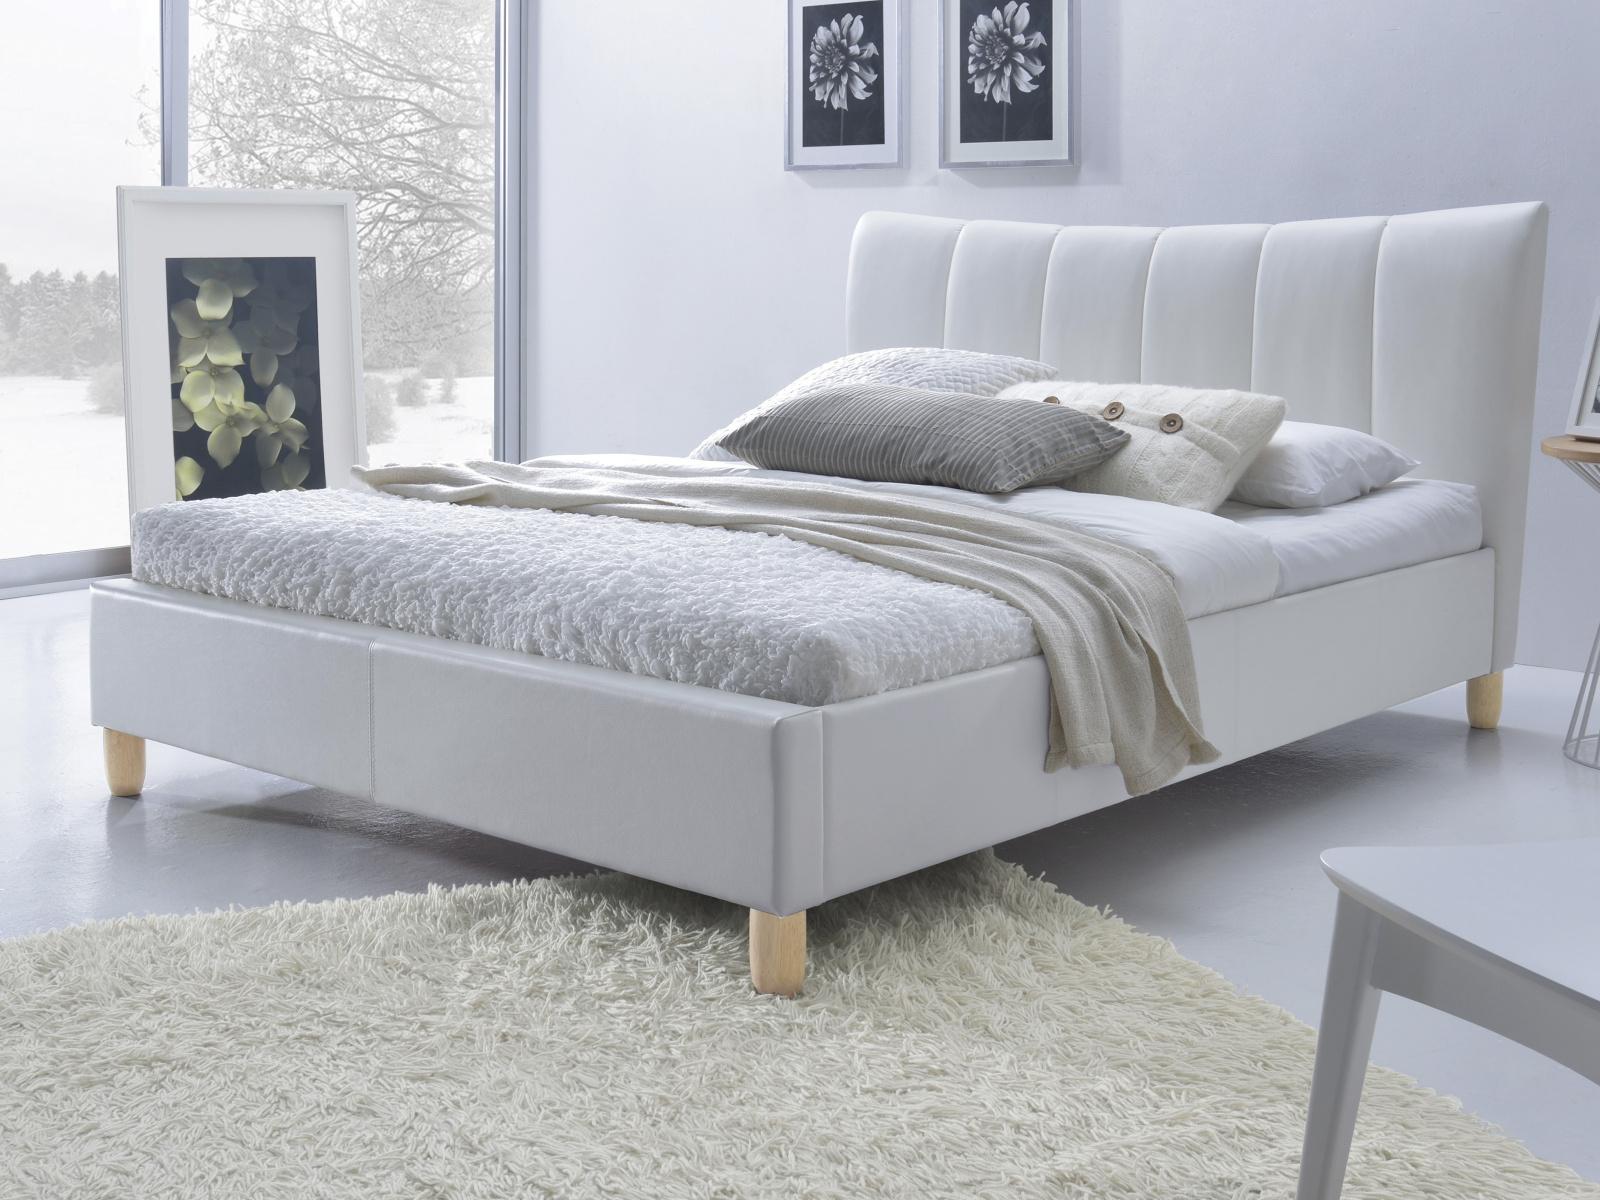 Halmar Postel SANDY 160x200 cm, bílá